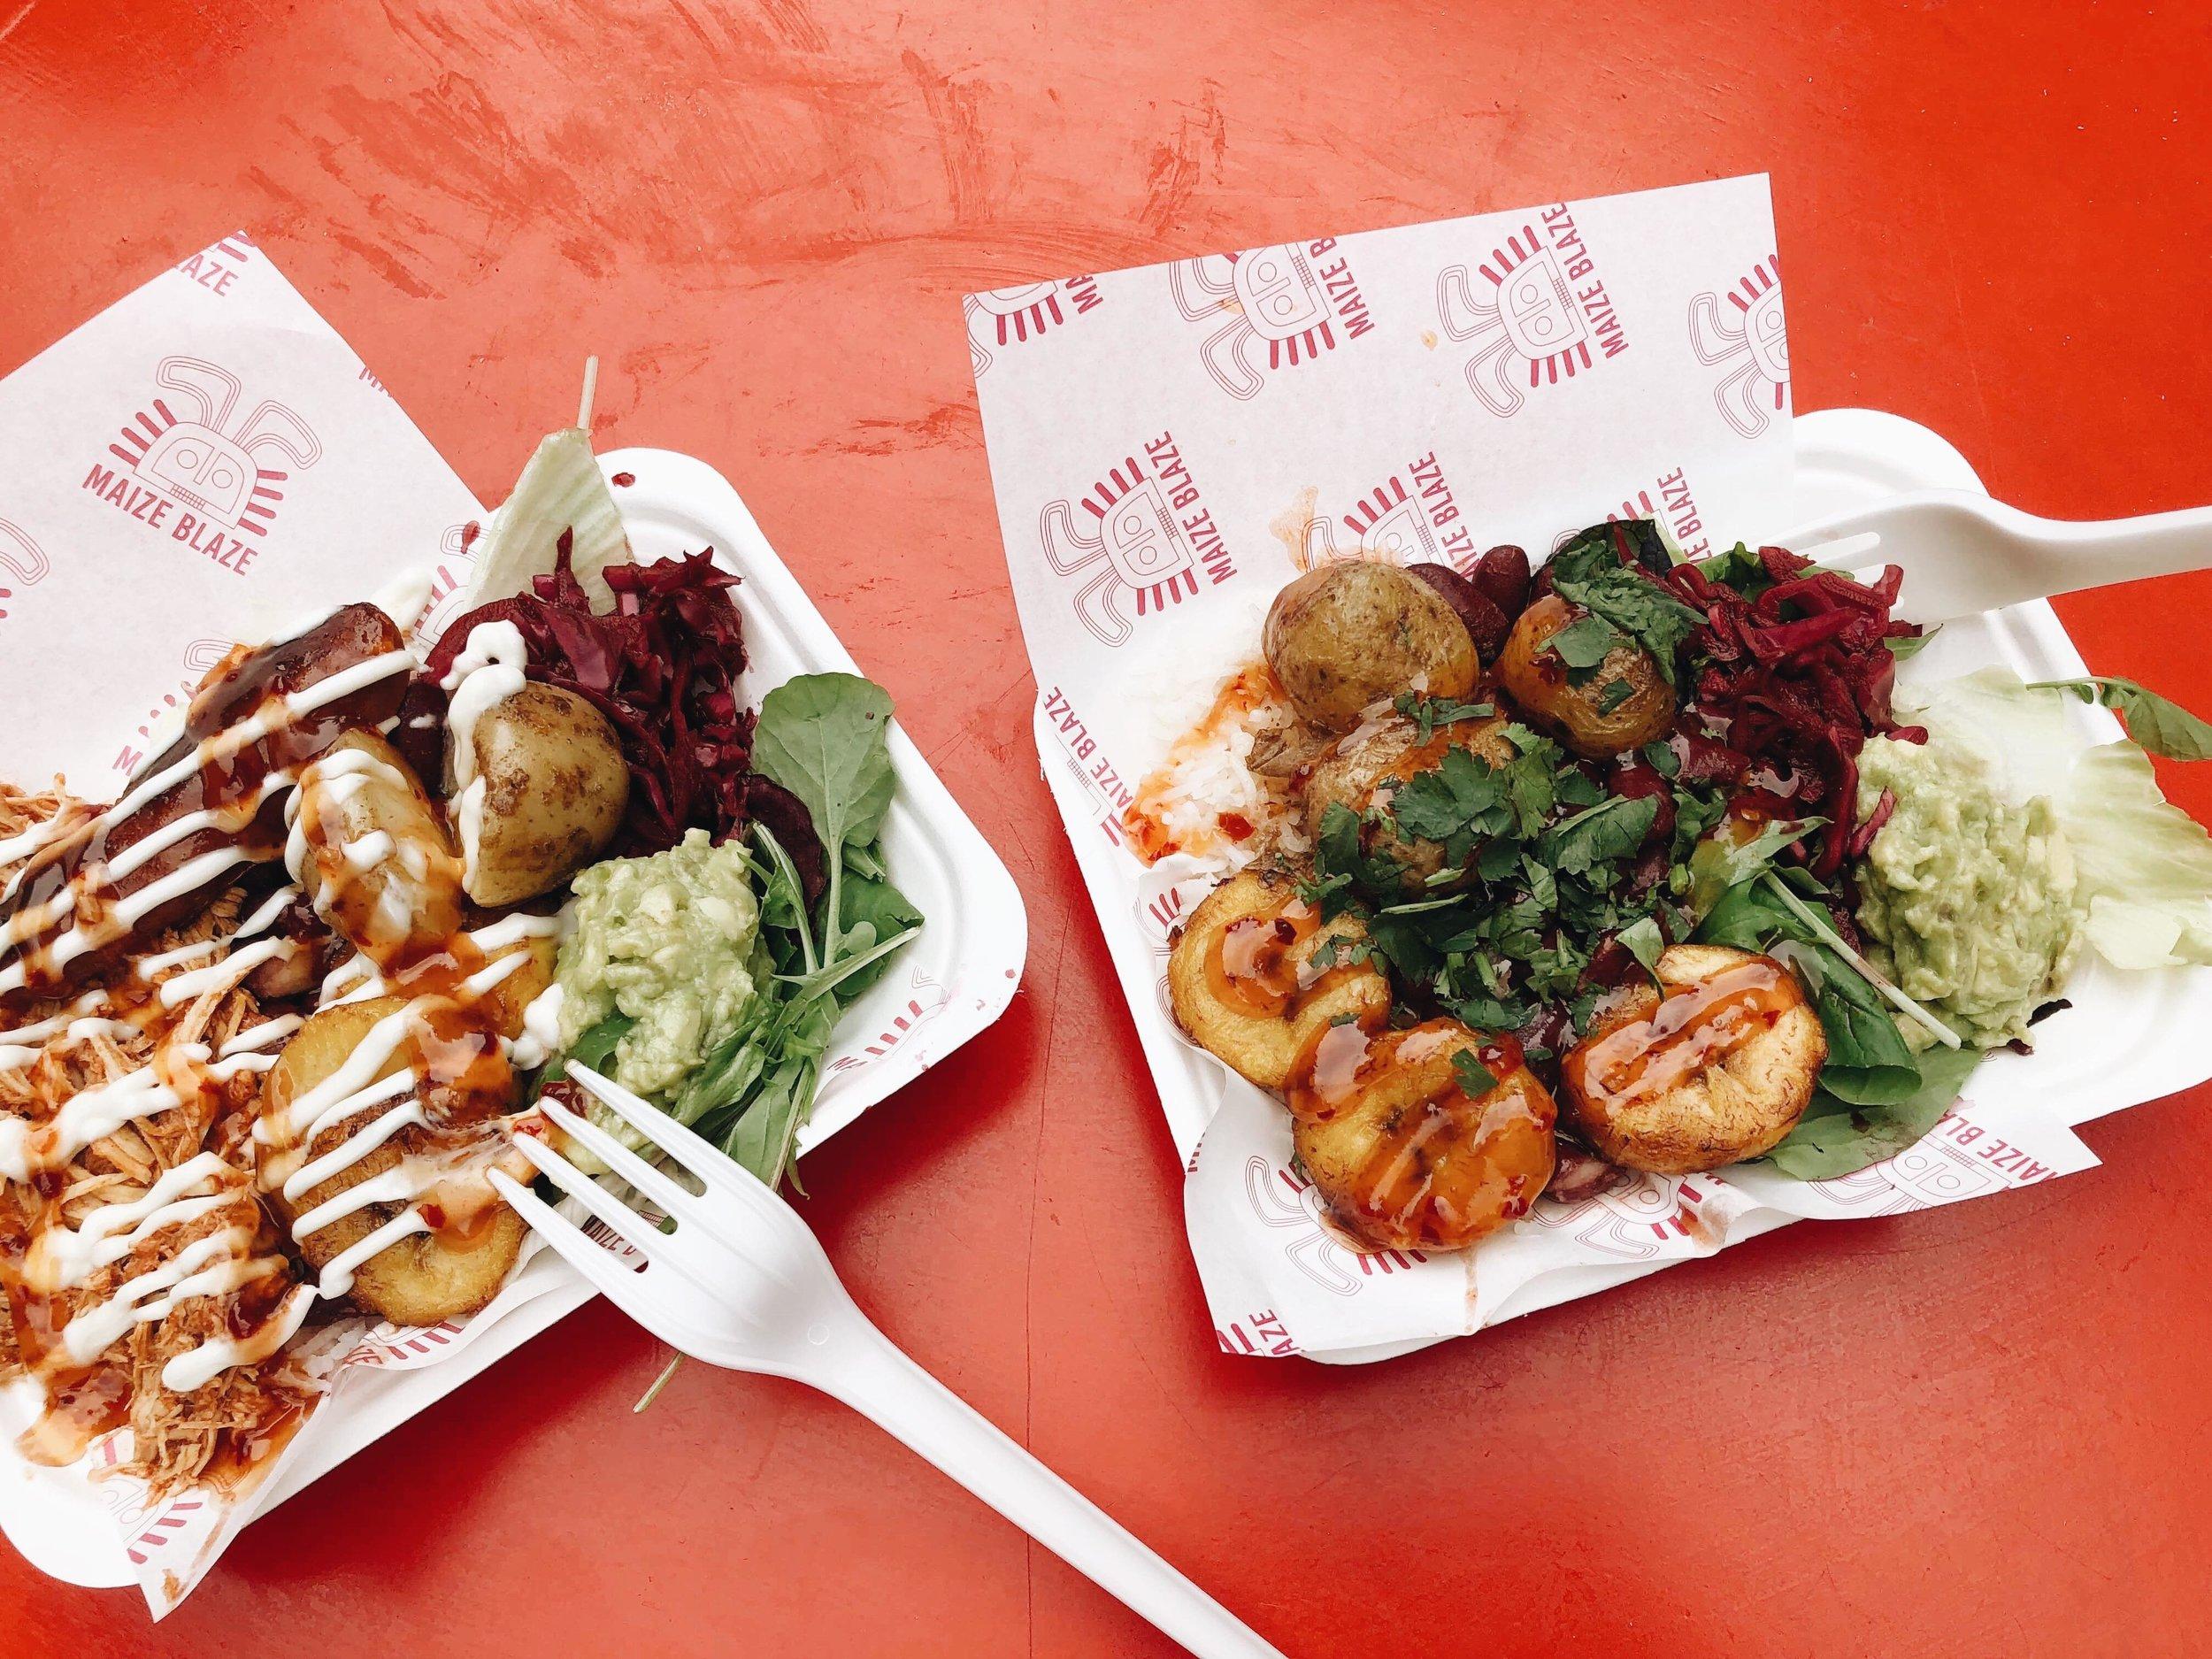 Maize-blaze-camden-market-street-food-londres.jpg